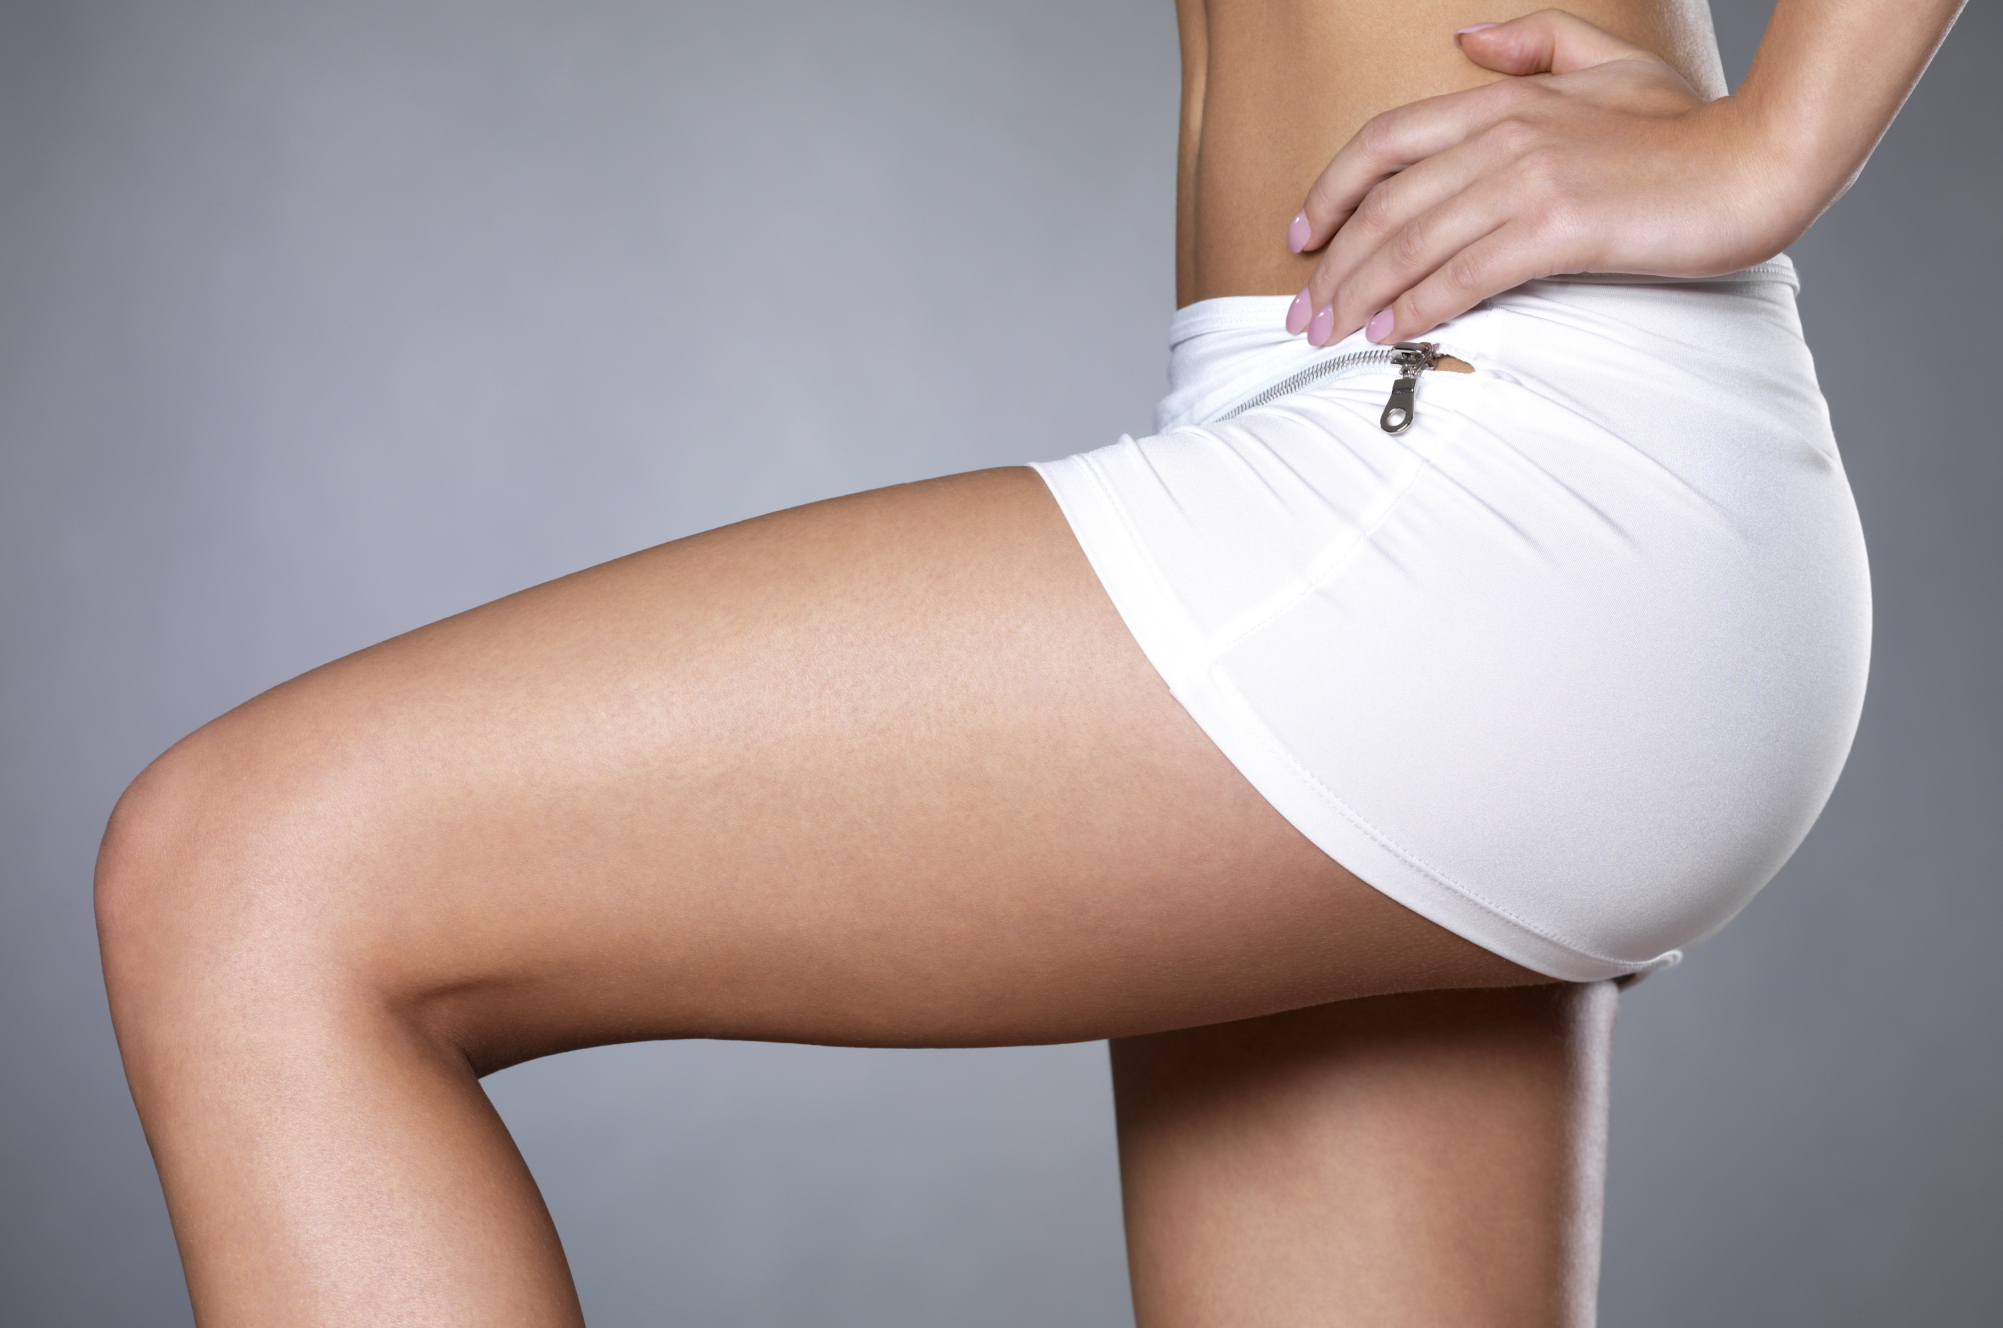 Female thigh